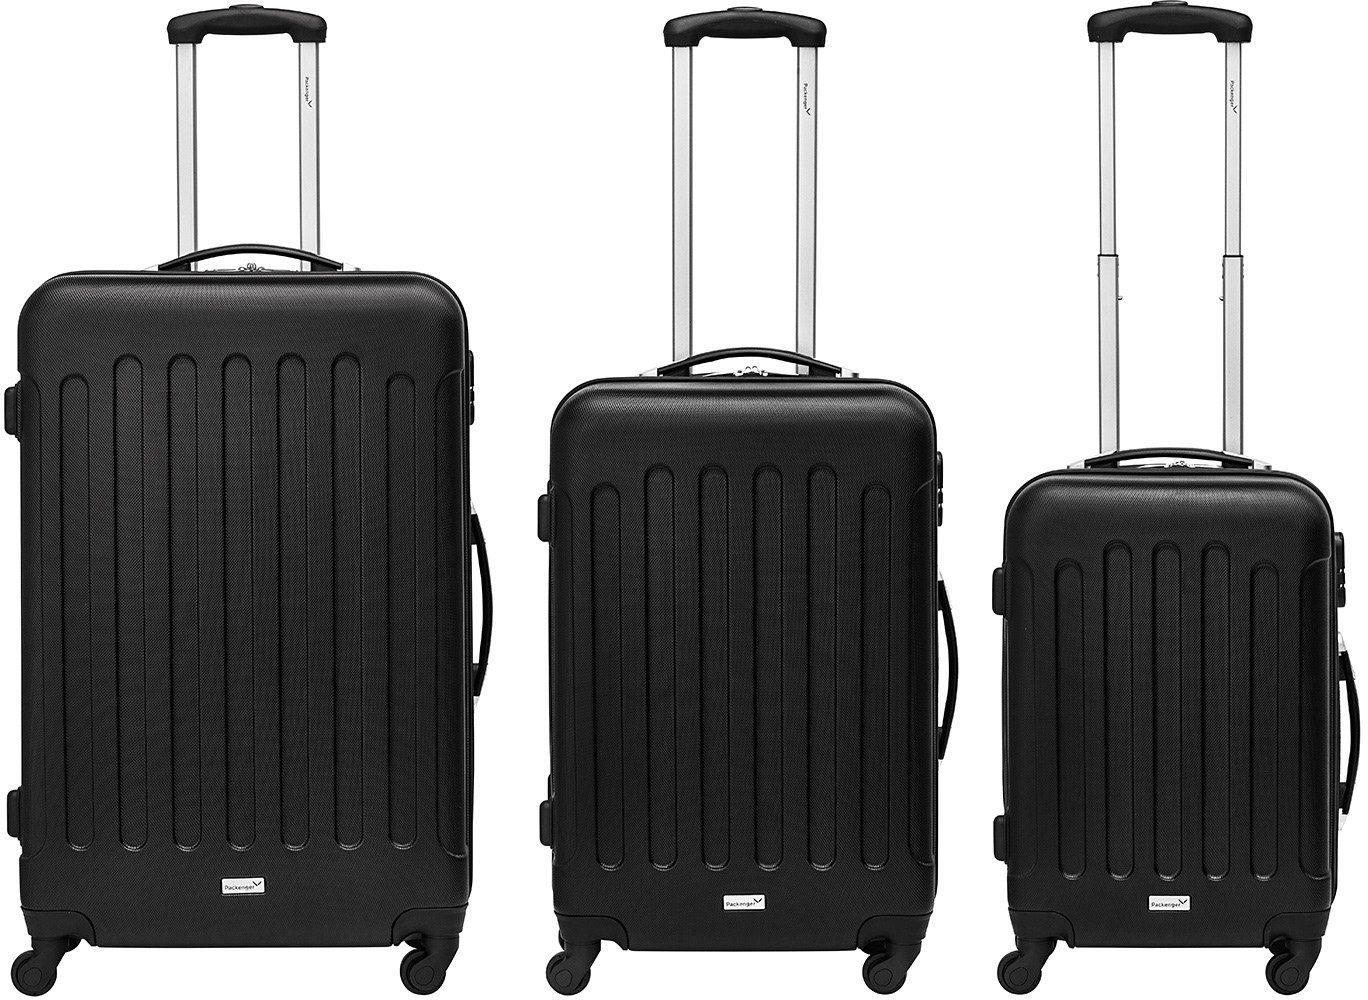 Packenger Hartschalentrolley Set mit 4 Rollen, »Travelstar« (3tlg.)